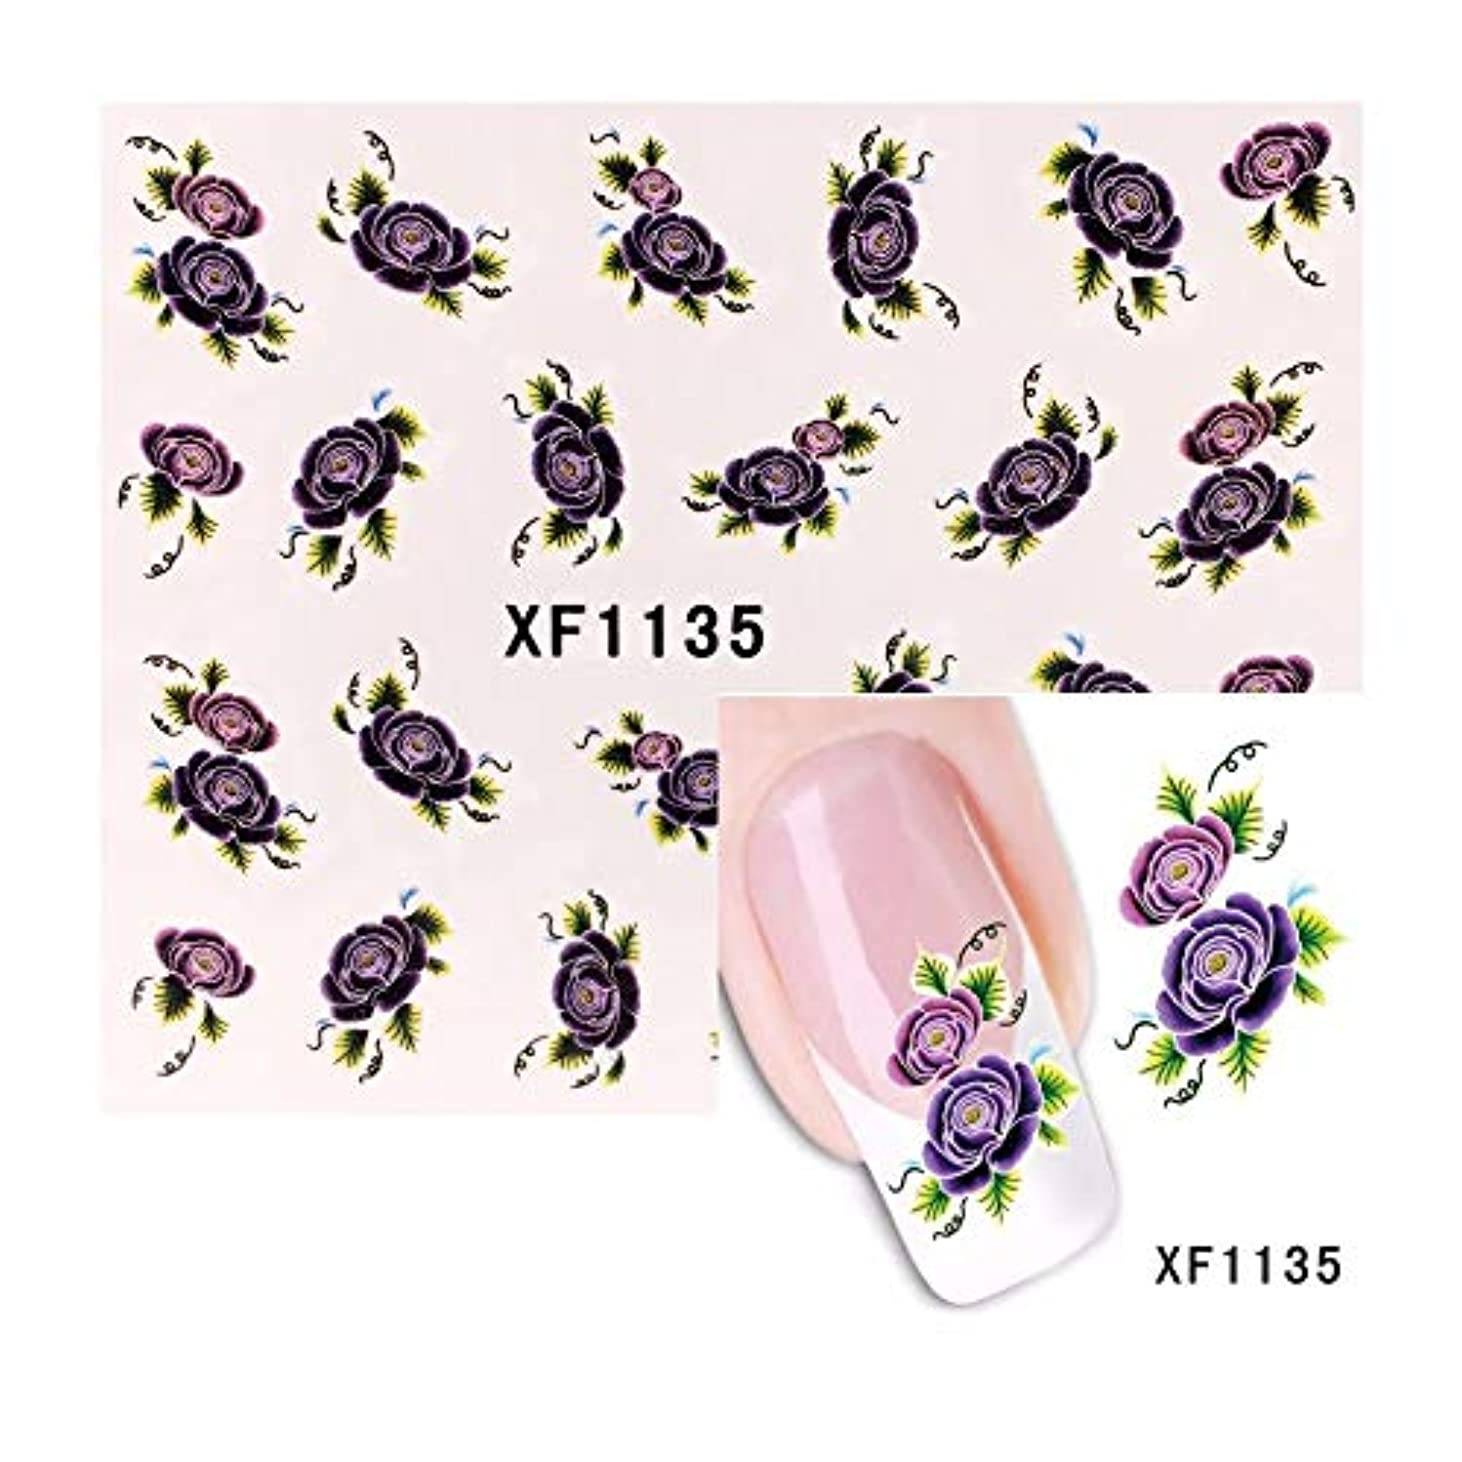 マイク項目贅沢SUKTI&XIAO ネイルステッカー 透かし漫画ステッカーネイルアート水転写のヒントデカール美容一時的な入れ墨ツール